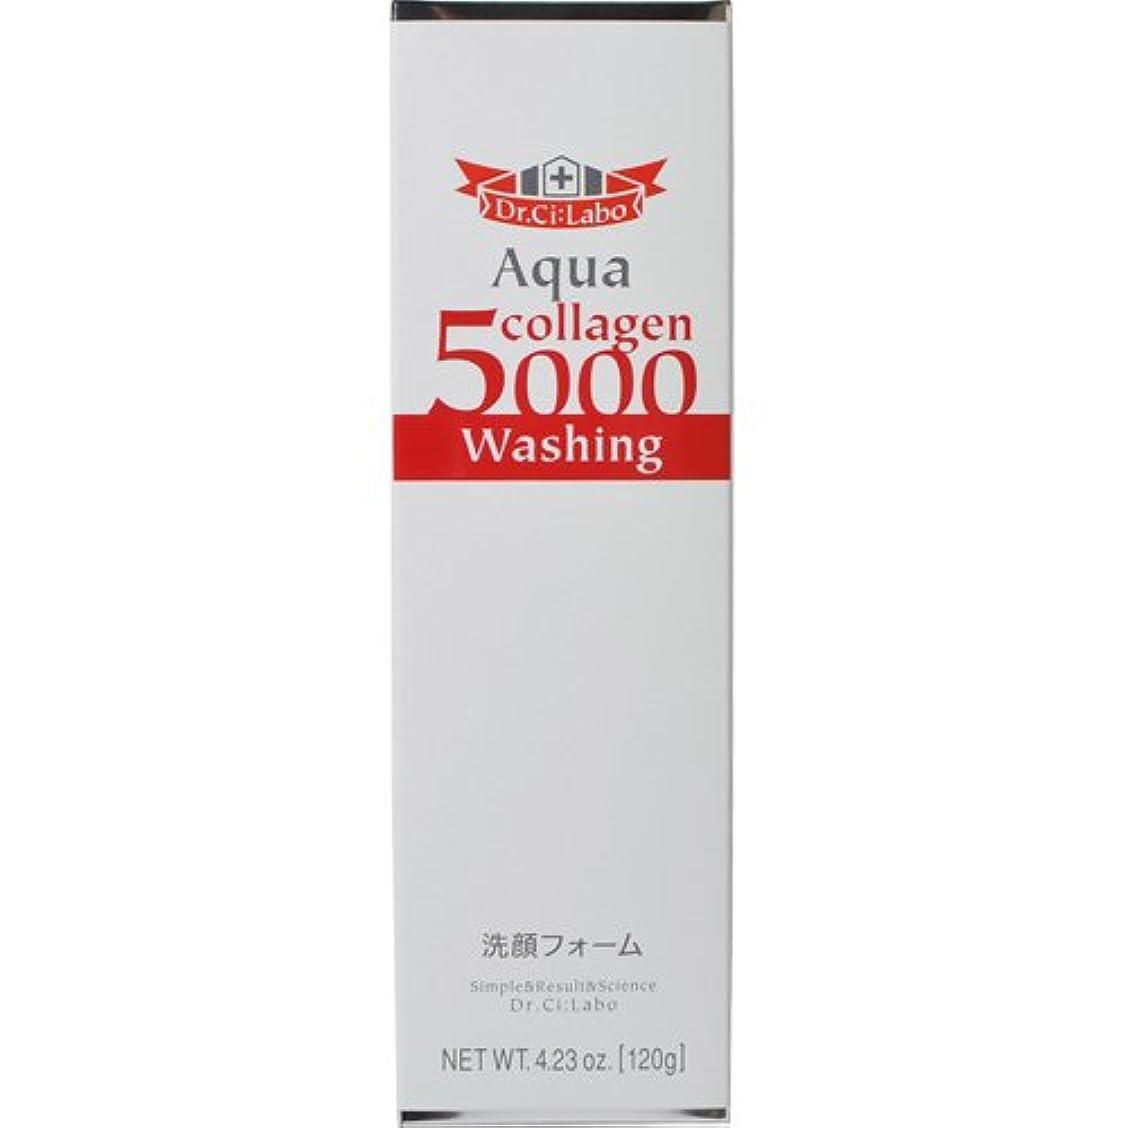 お勧めエントリ項目ドクターシーラボ アクアコラーゲンウォッシング5000 120g